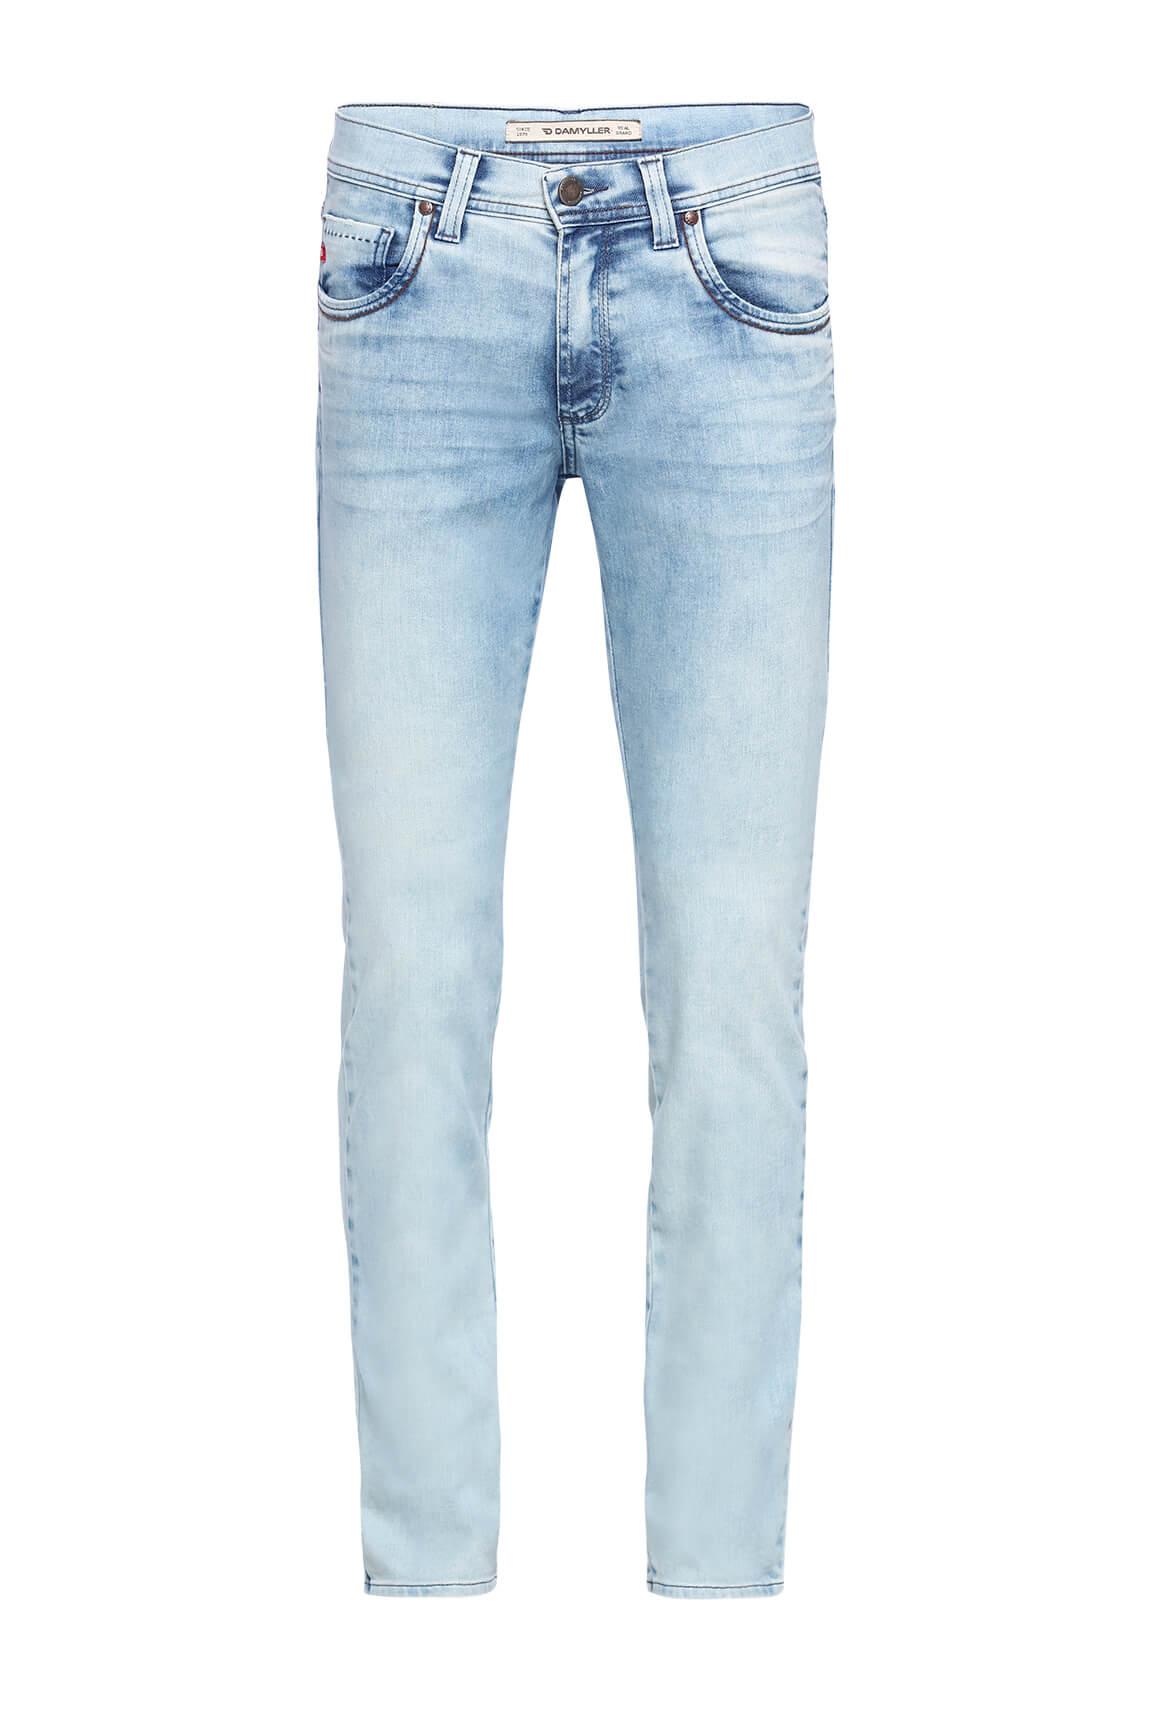 Damyller - Jeans do verão 2018